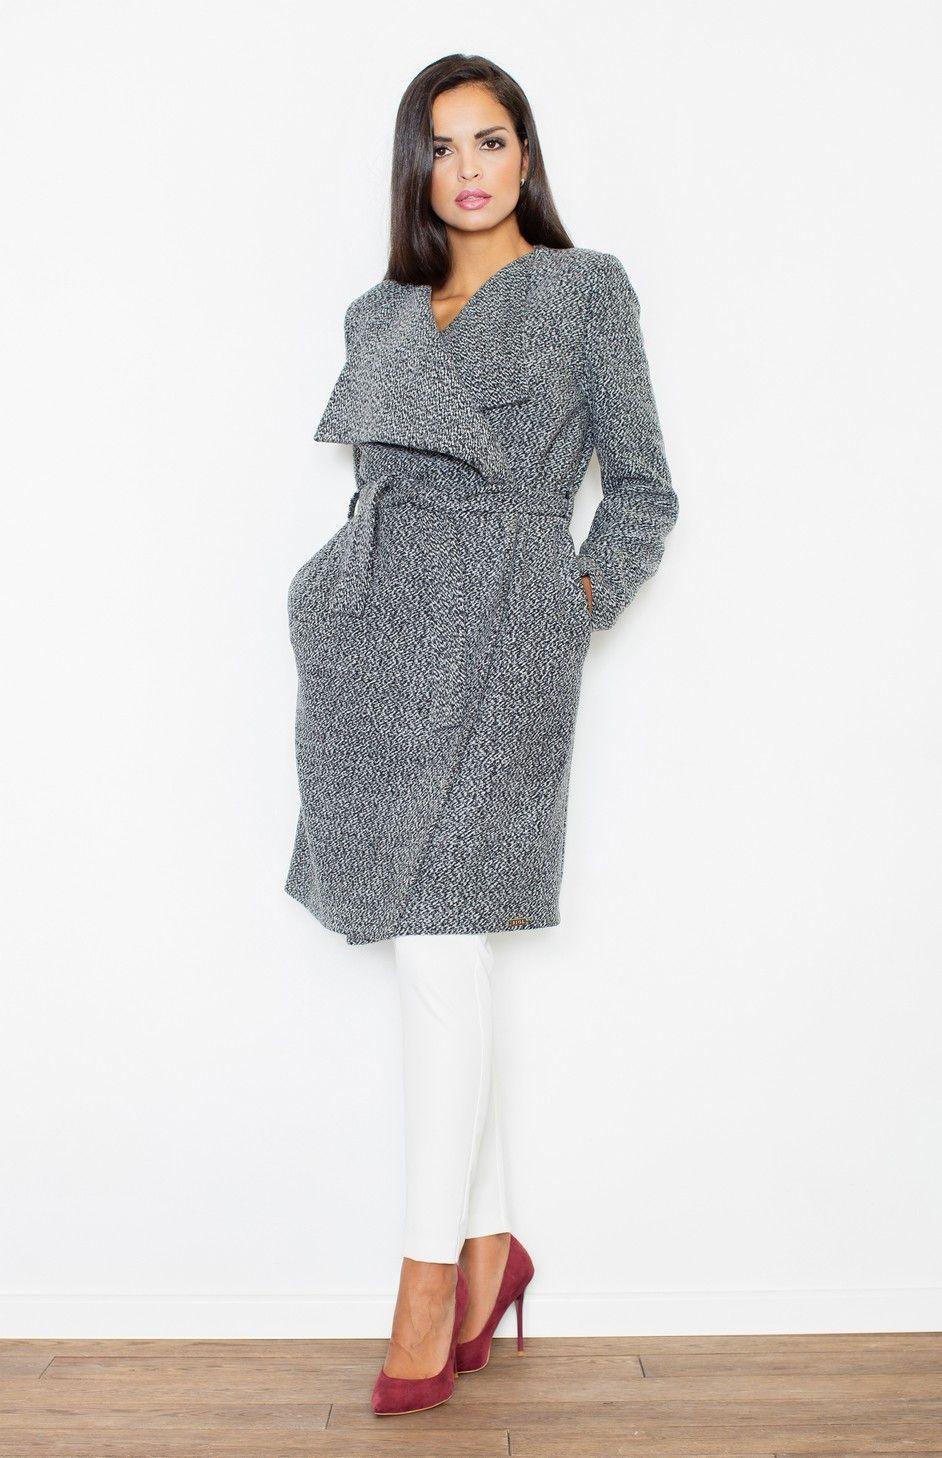 Manteau femme bien chaud